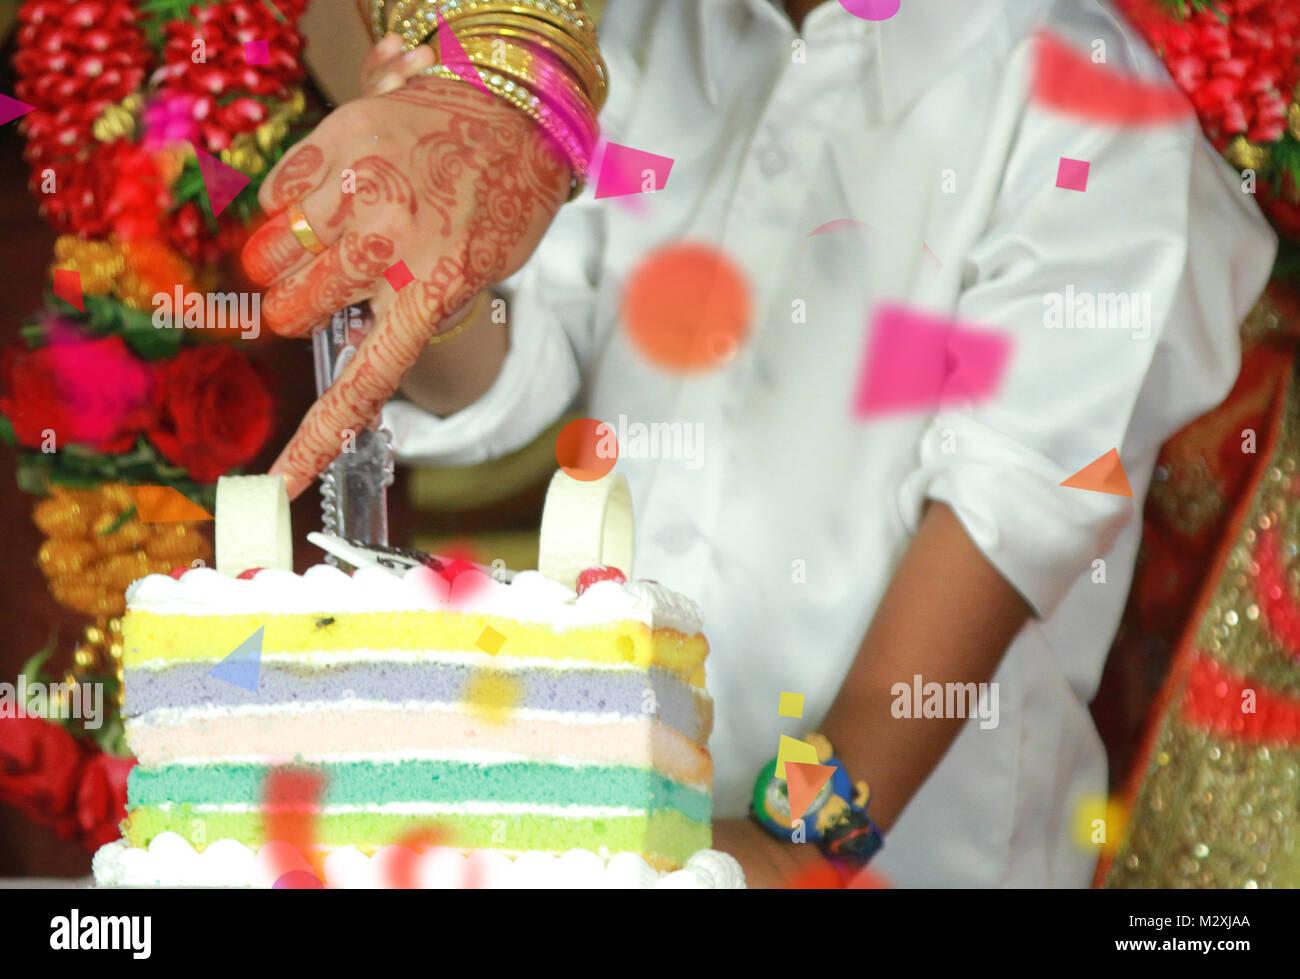 Nahaufnahme Frau Hand Schneiden Von Kuchen Happy Birthday Cake